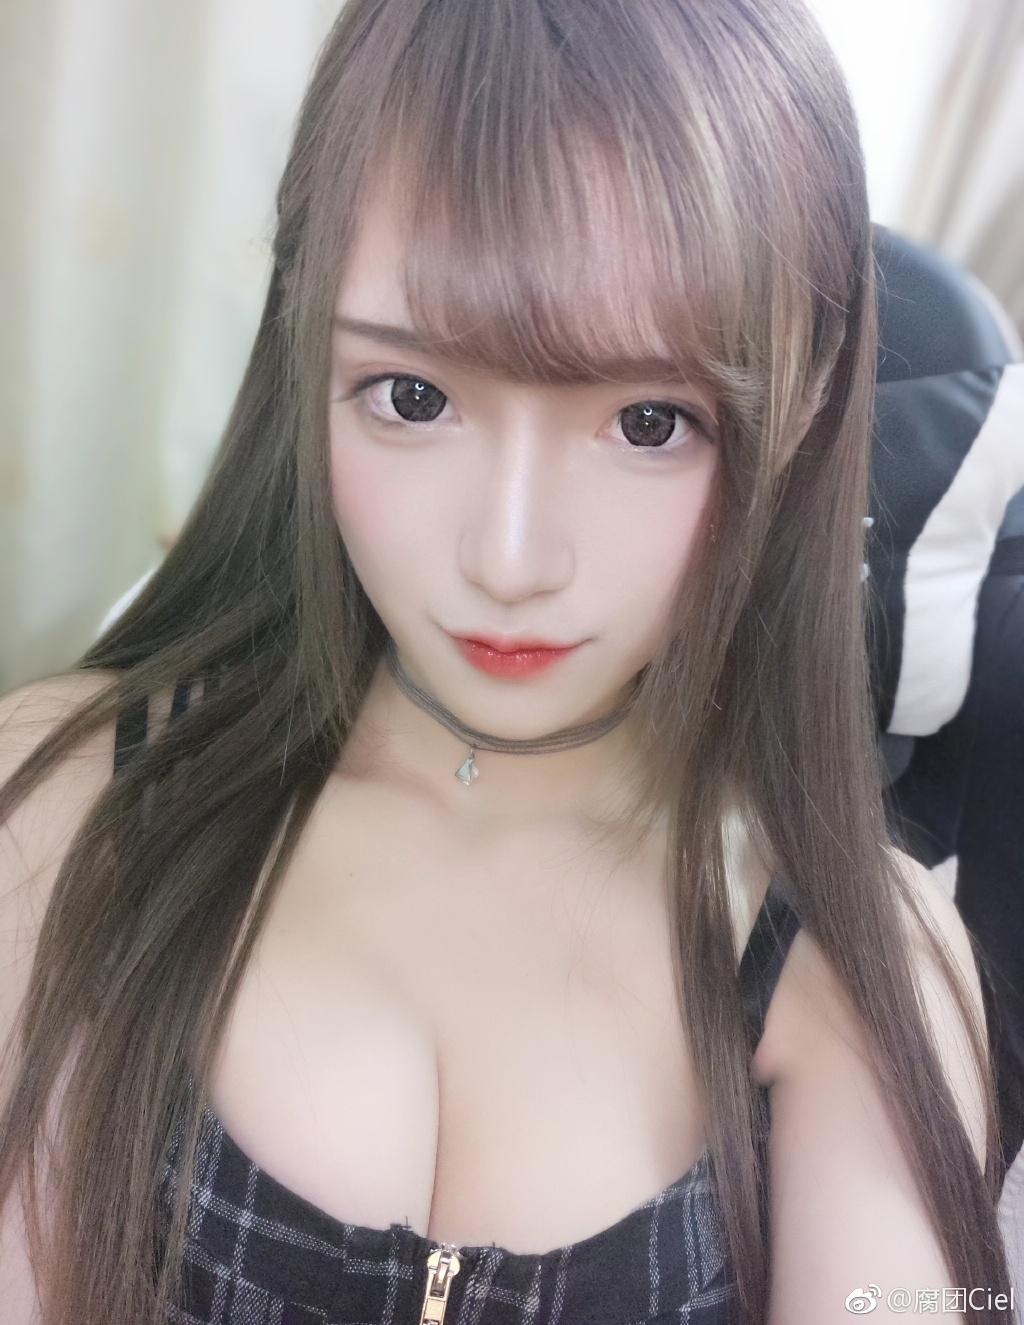 微博妹子推荐@腐团Ciel 一个美貌于性感共存的女主播